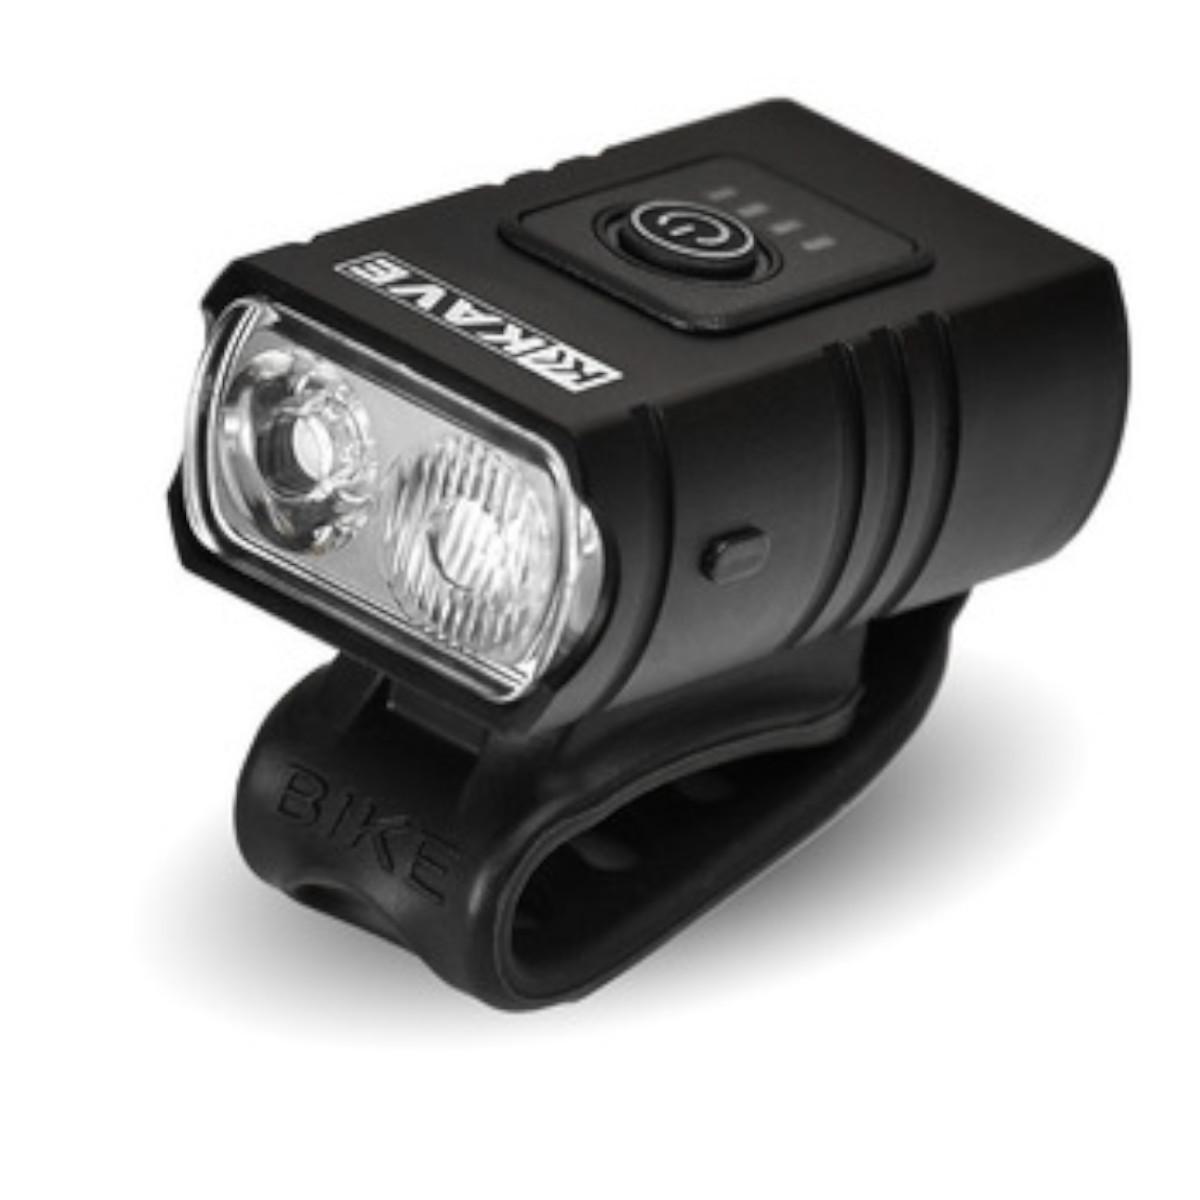 Farol Ciclismo MTB Speed Kave 1200 lumens Led USB